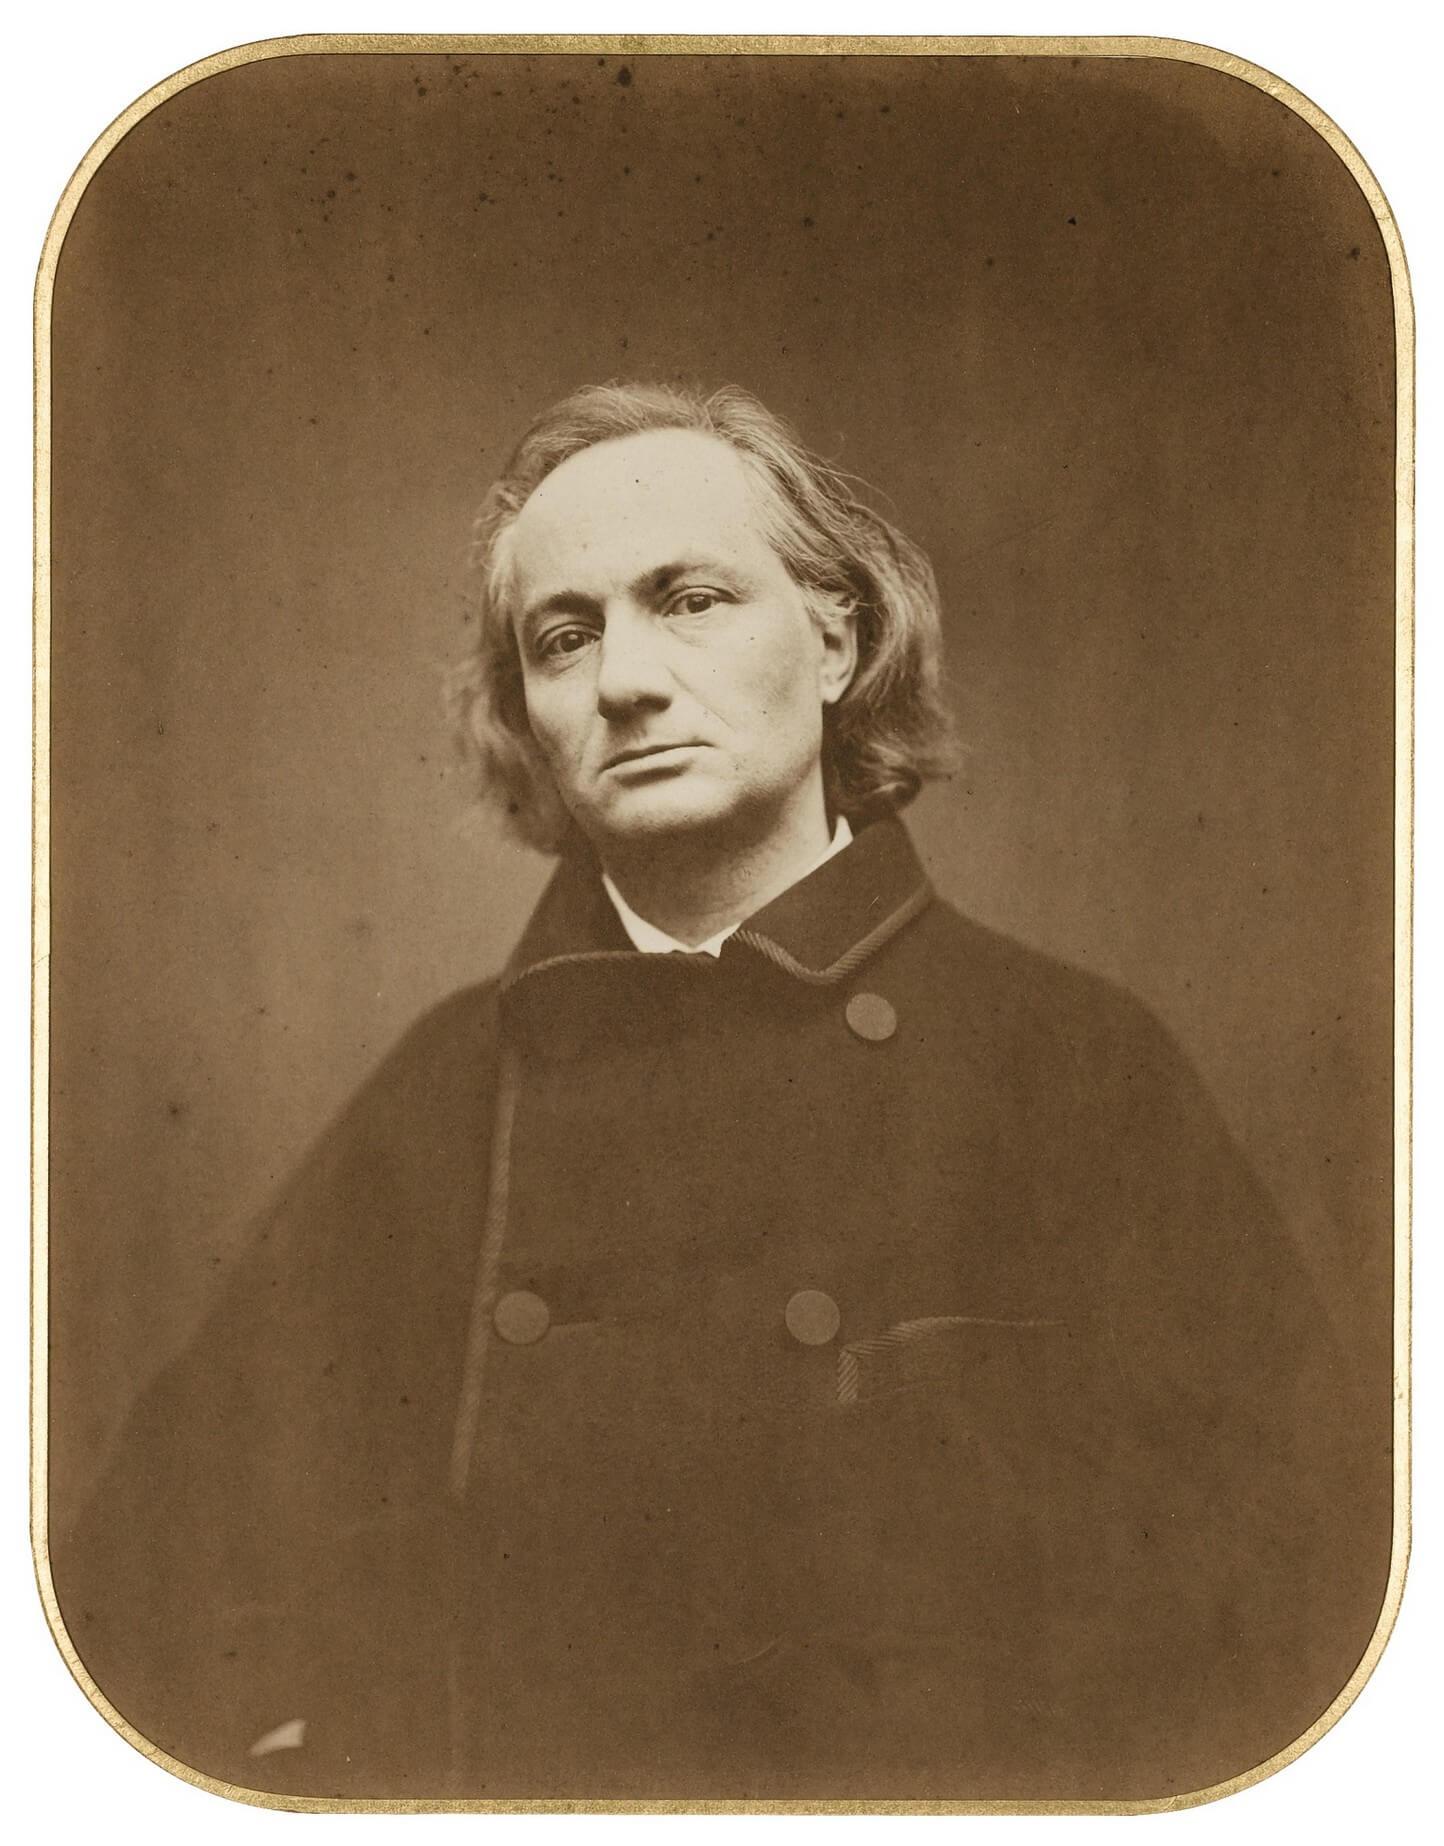 Etienne Carjat. Charles Baudelaire, zijn jeugd. Inhoudsopgave, vertalingen Vivienne Stringa